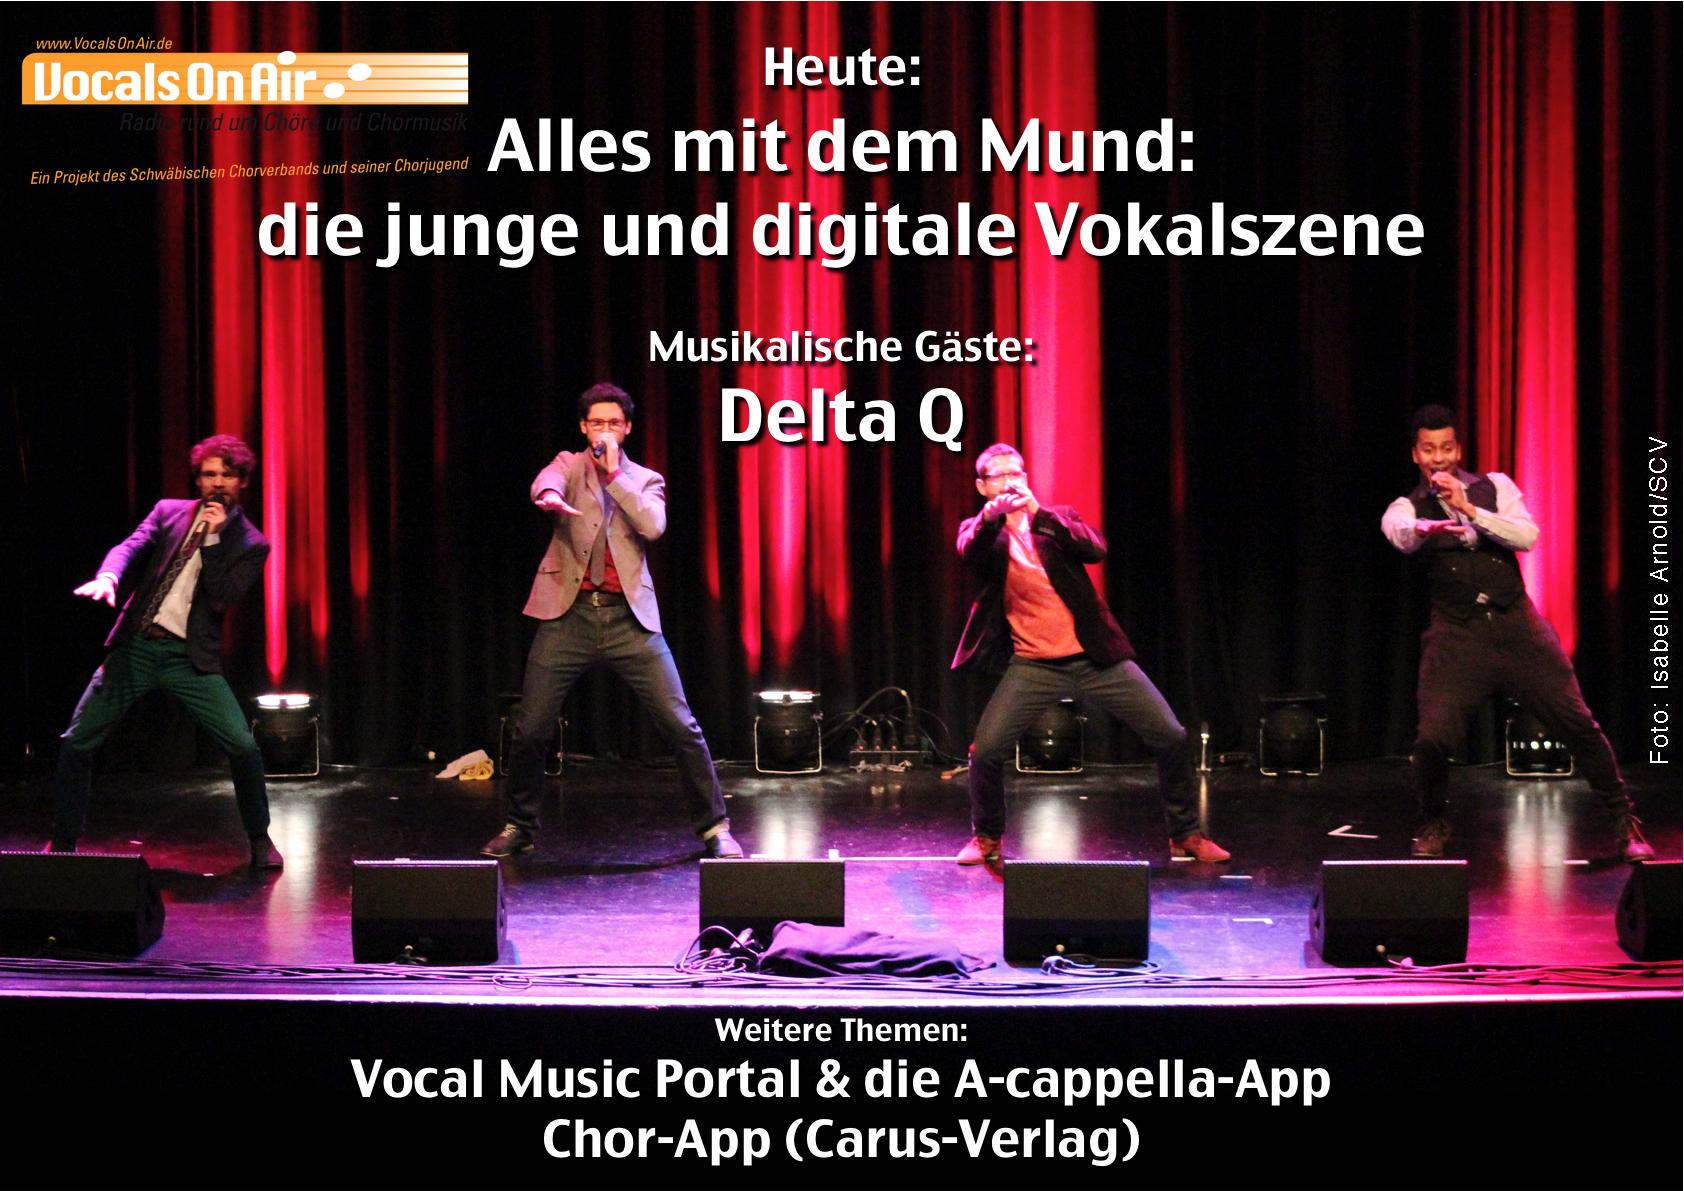 Alles mit dem Mund: Vocals On Air präsentiert die junge und digitale Vokalszene